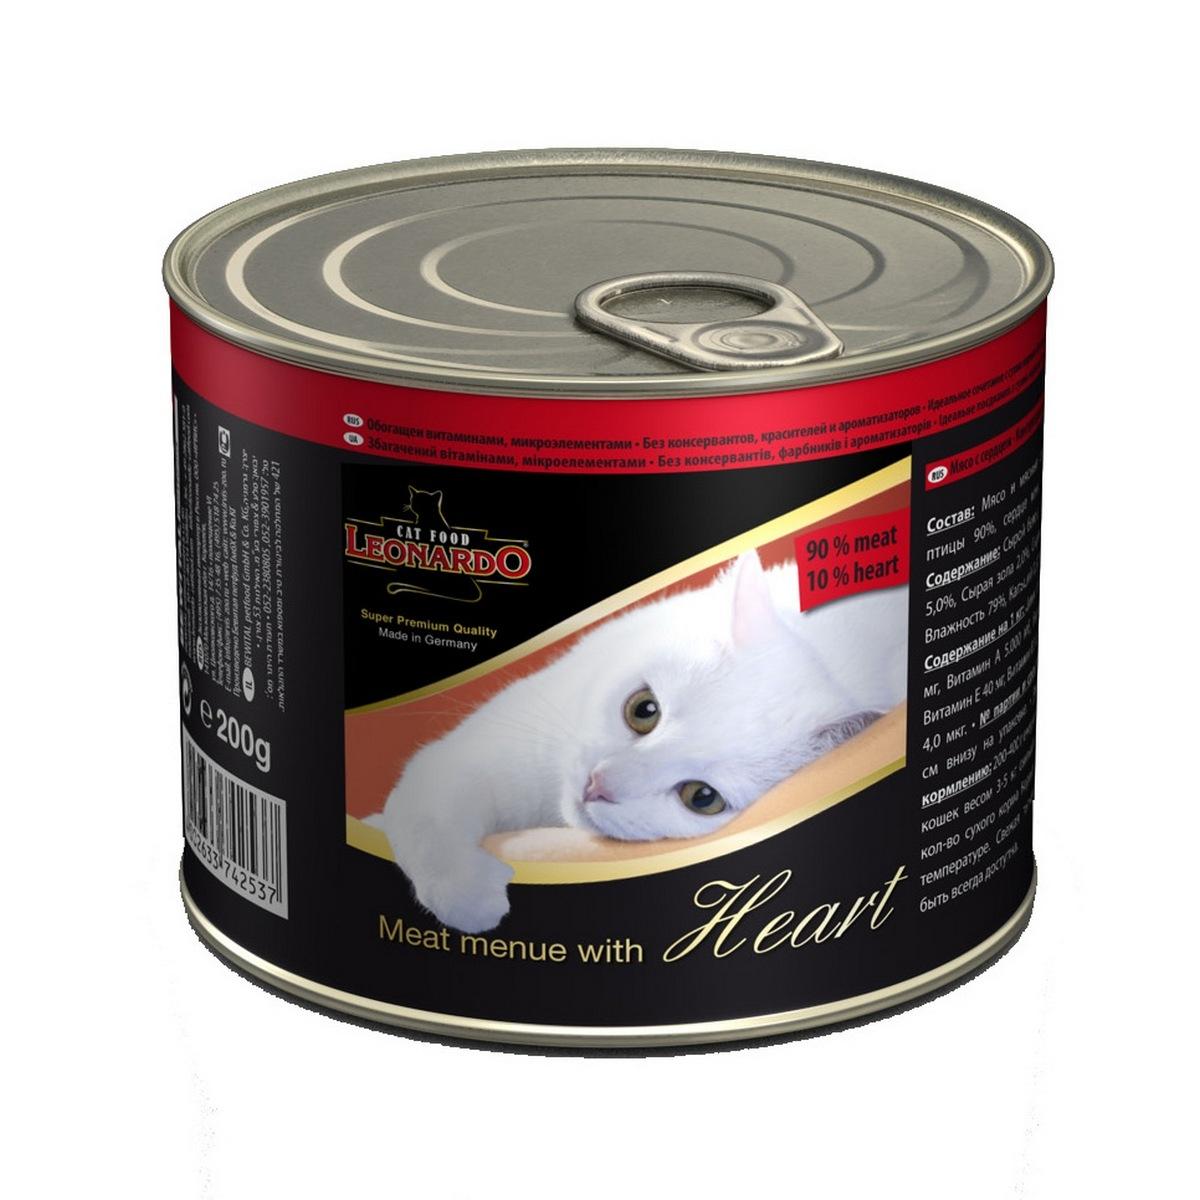 Консервы для кошек Leonardo, мясо с сердцем, 200 г52738Консервы Leonardo - 100% мясные консервы для кошек, выполненные в виде нежного фарша. Консервы состоят исключительно из отборных натуральных компонентов и не содержат сою, искусственные красители и усилители вкуса. Состав: 90% мясо птицы, 10% сердце, минералы. Анализ состава: протеин 12%, жир 5%, клетчатка 0,4%, зола 2%, влажность 79%, кальций 0,32%, фосфор 0,18%. Содержание на 1 кг: цинк 15 мг, марганец 1,5 мг, витамин А 5000 МЕ, витамин Е 40 мг, витамин D3 250 МЕ, витамин В2 0,8 мг, витамин В12 4,0 мг. Вес: 200 г. Товар сертифицирован.